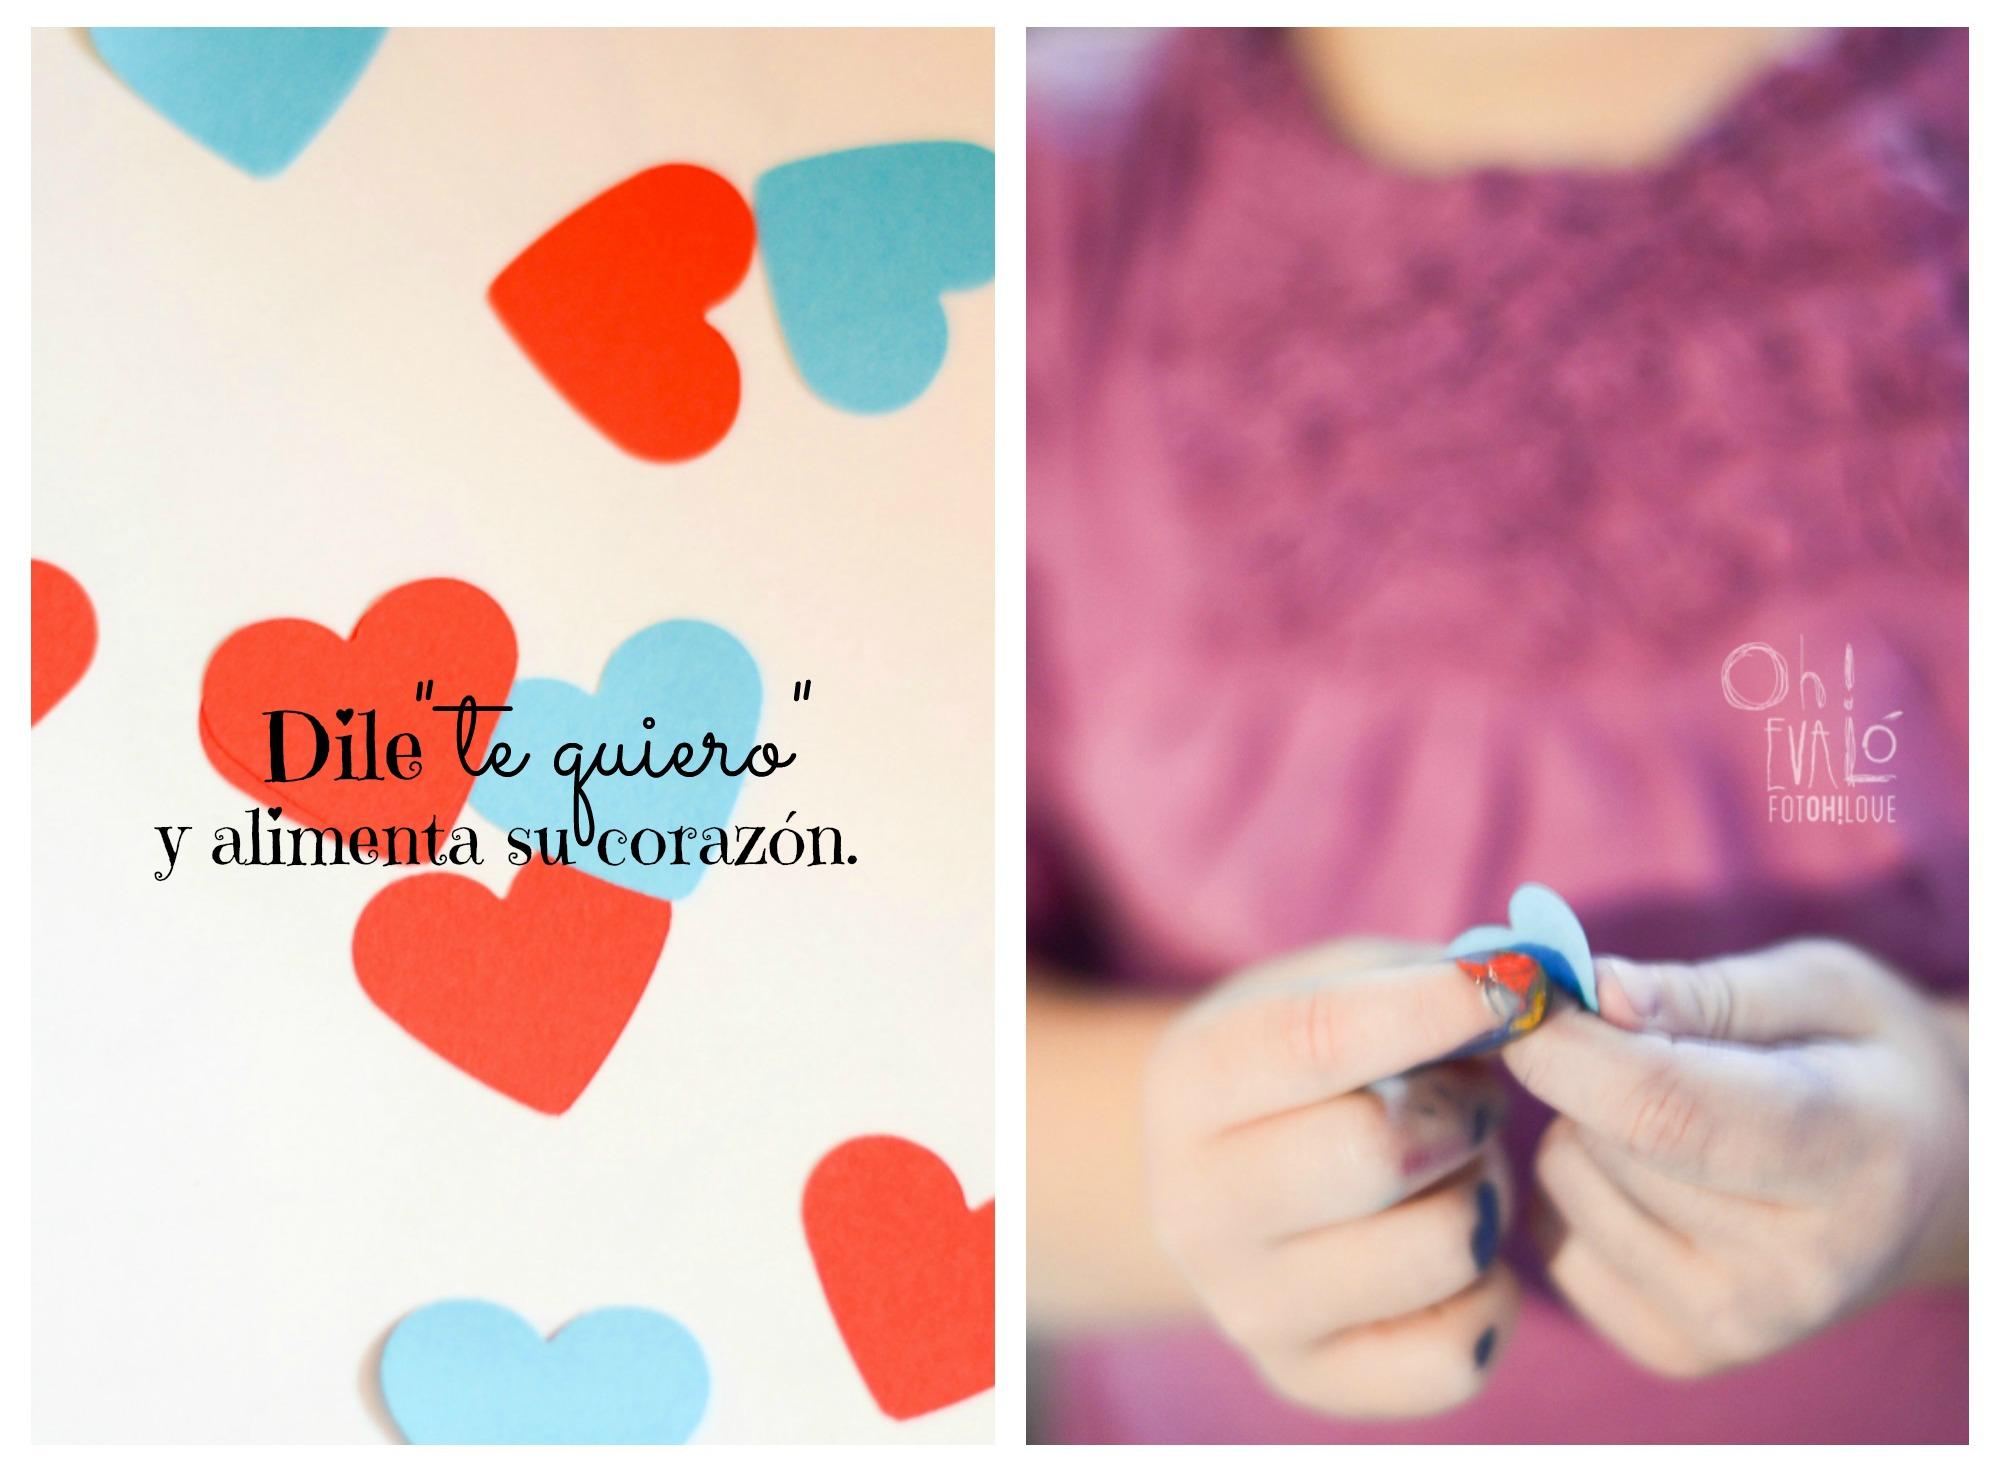 dile1